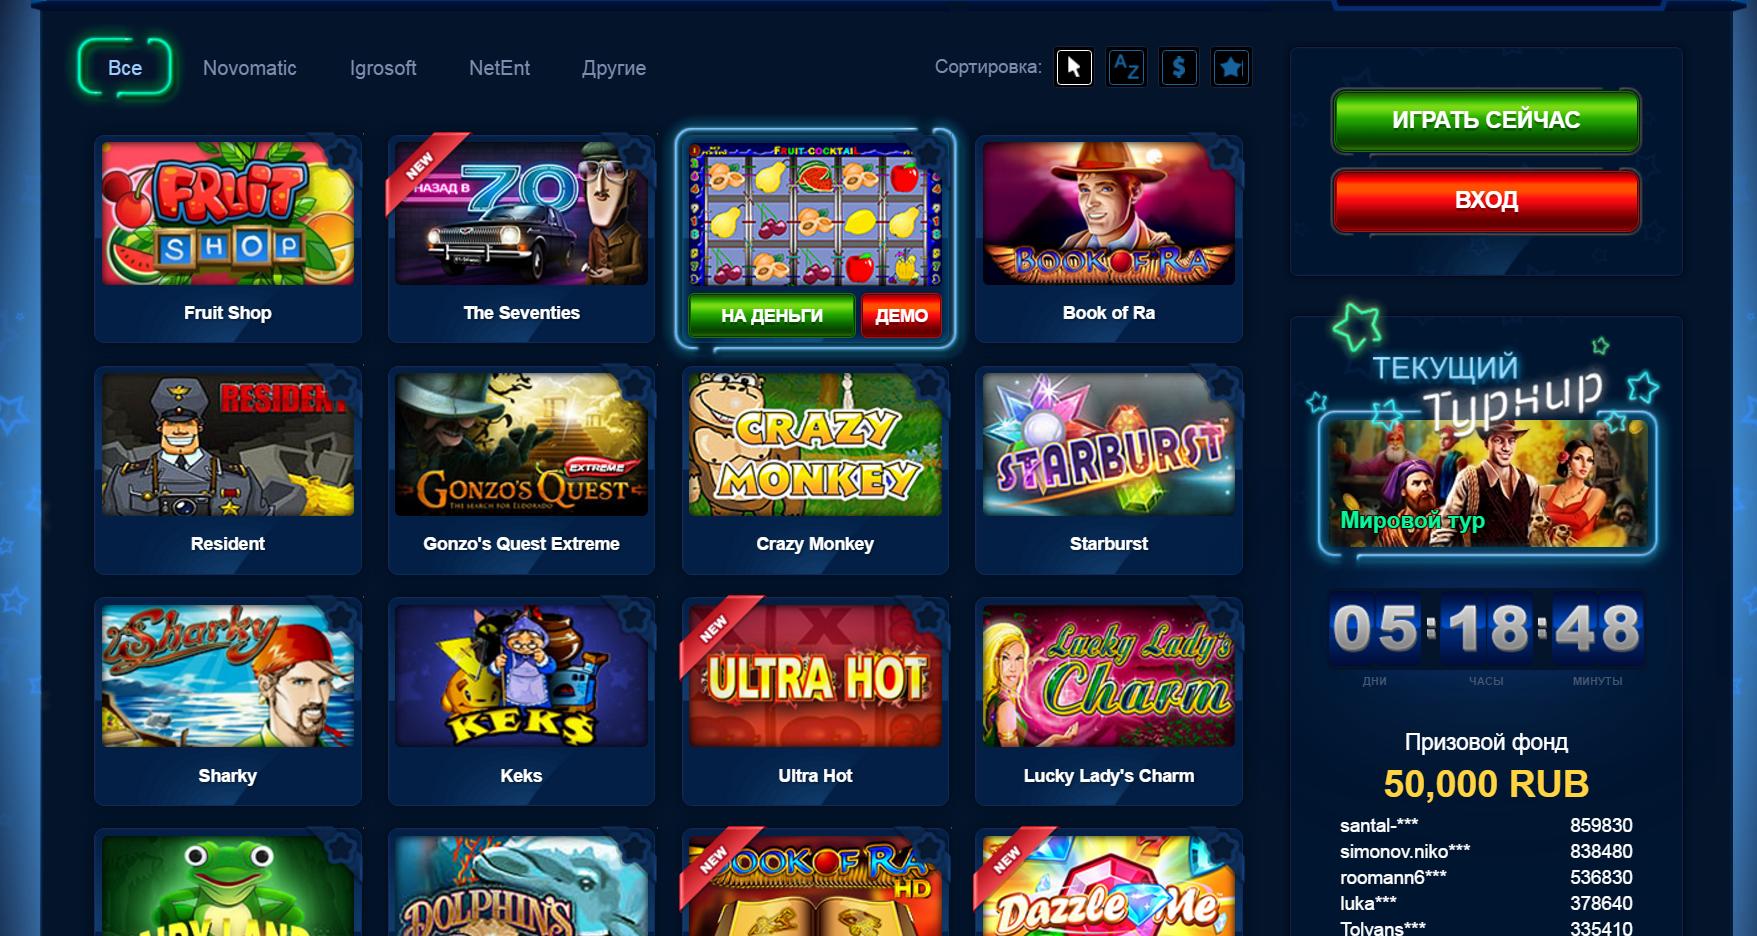 вулкан 24 игровые автоматы бонус